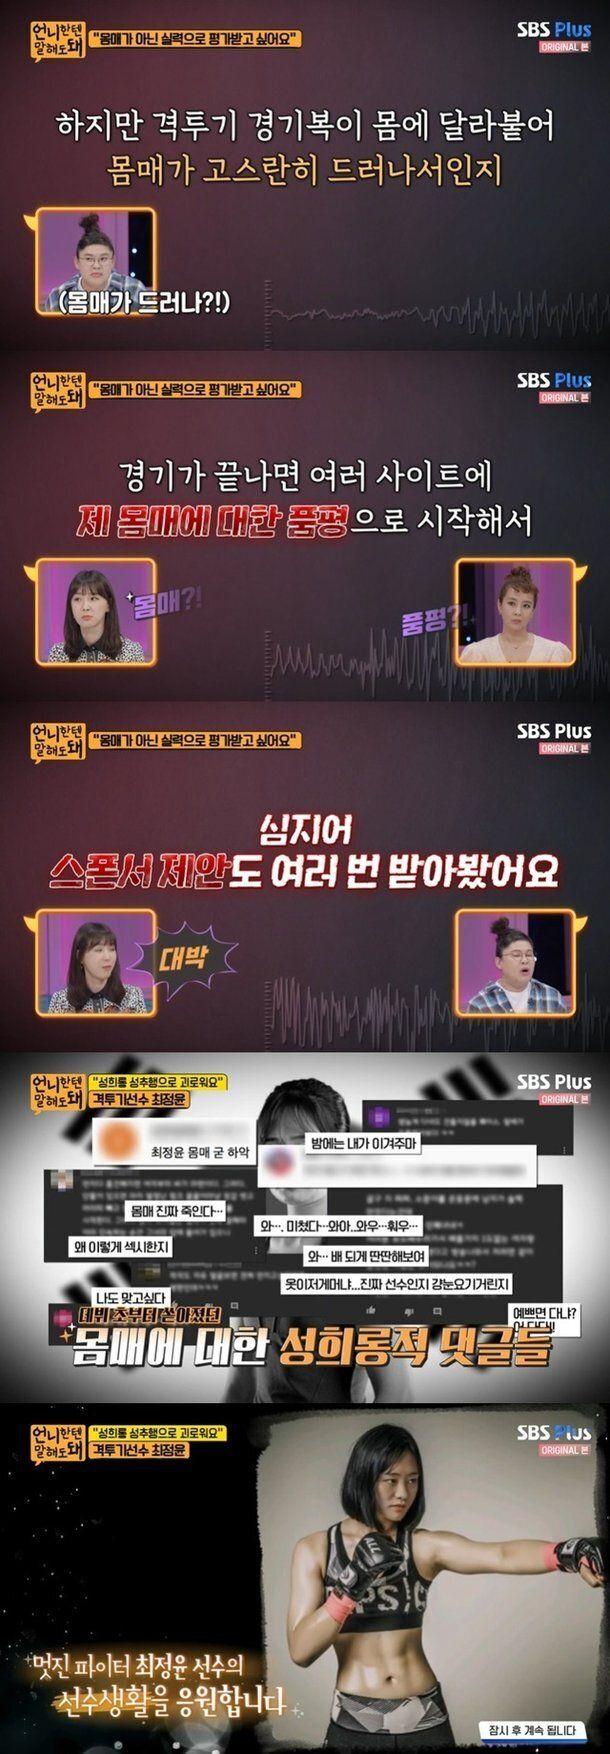 격투기 선수 최정윤이 성희롱, 불법촬영, 스폰서 제안 등 성폭력 피해를